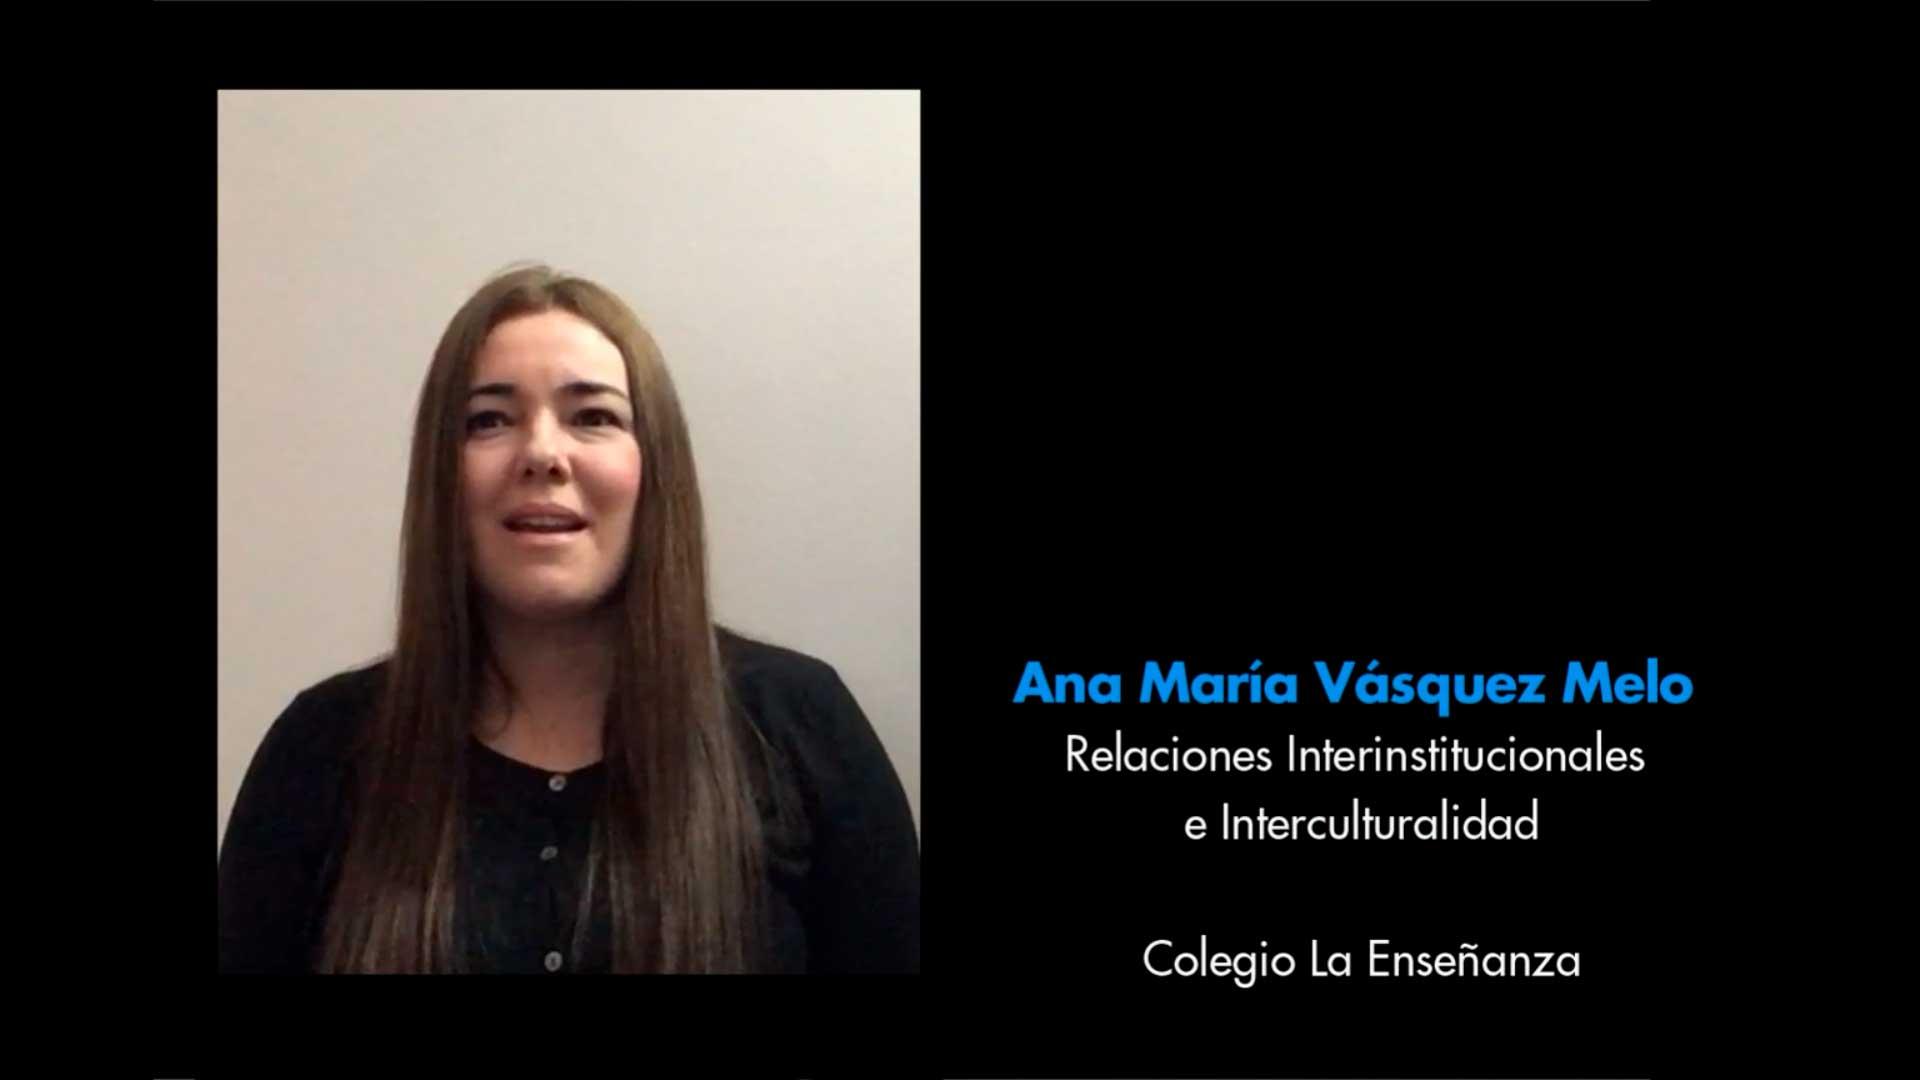 Ana-Maia-1920x1080